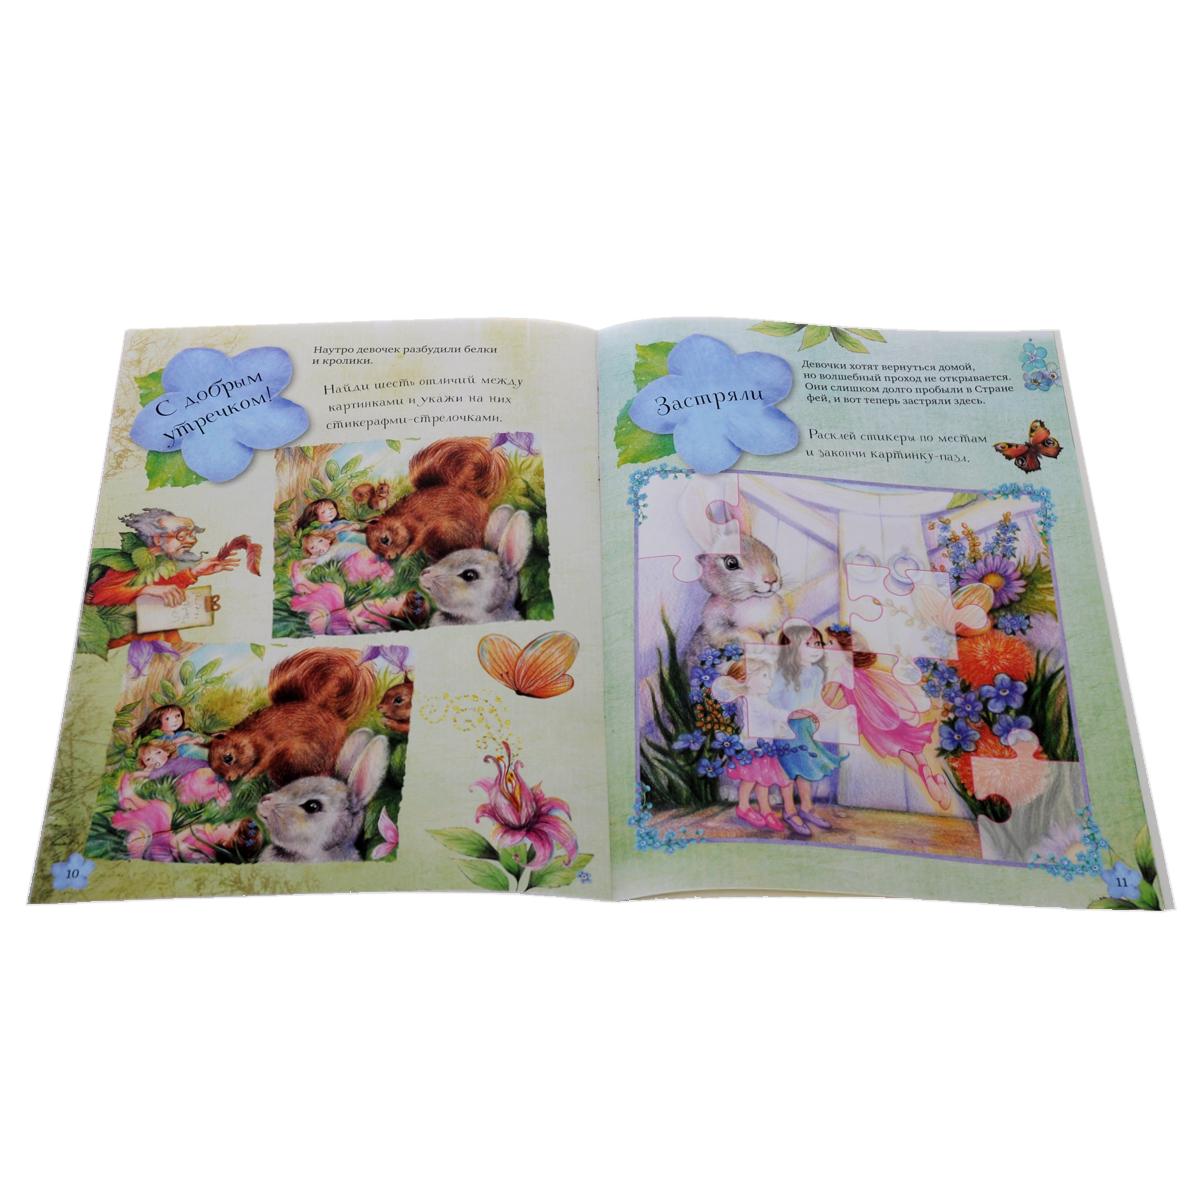 Феи-Незабудки. Чудесные книжки с наклейками (комплект из 3 книг)